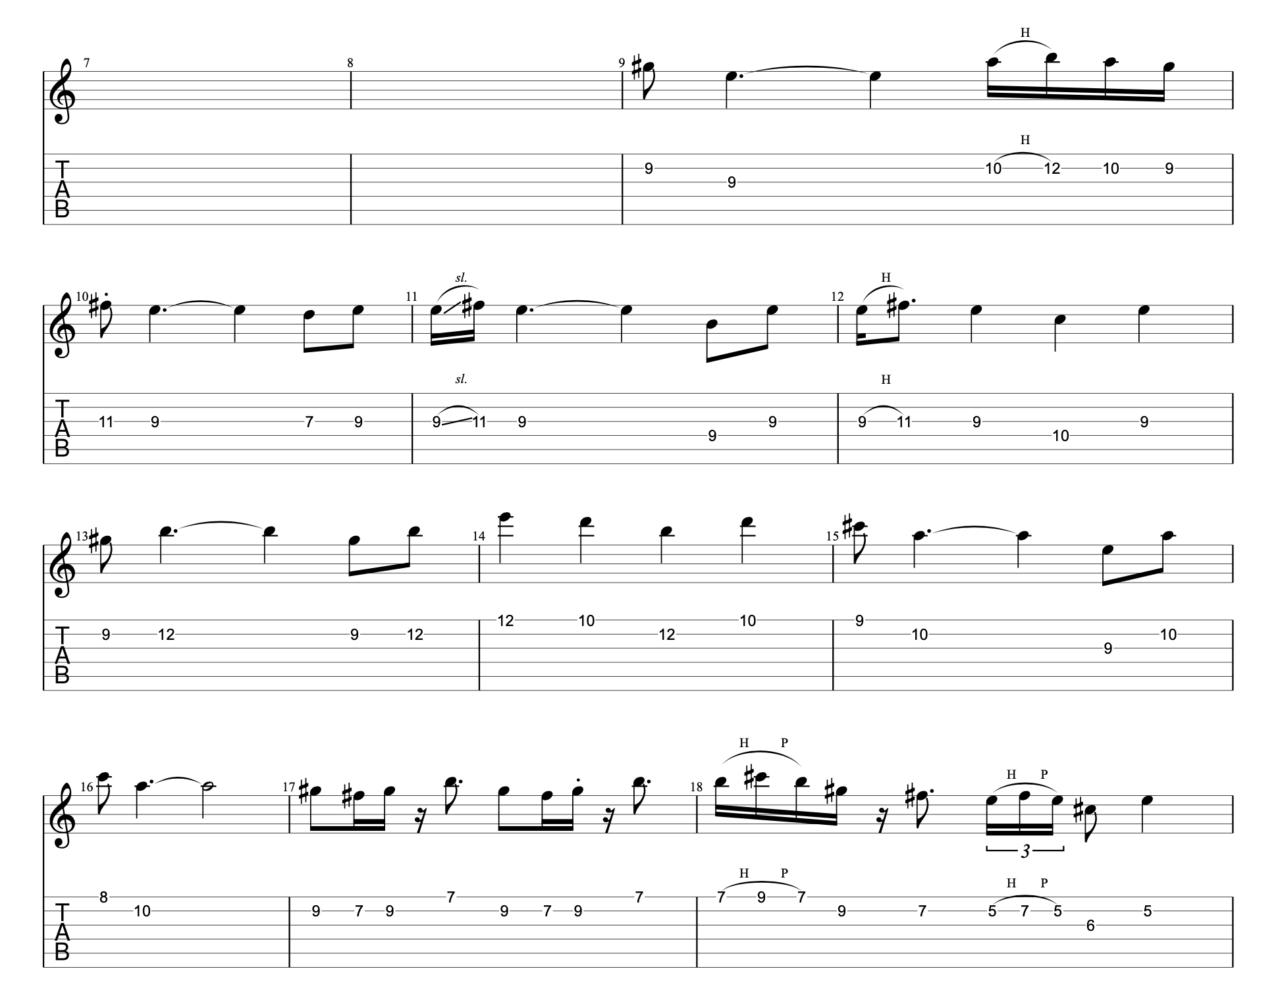 さわがしいまち|beco(騒音のない世界)のギターフレーズ解説!【楽譜(tab譜)付】 Aメロ